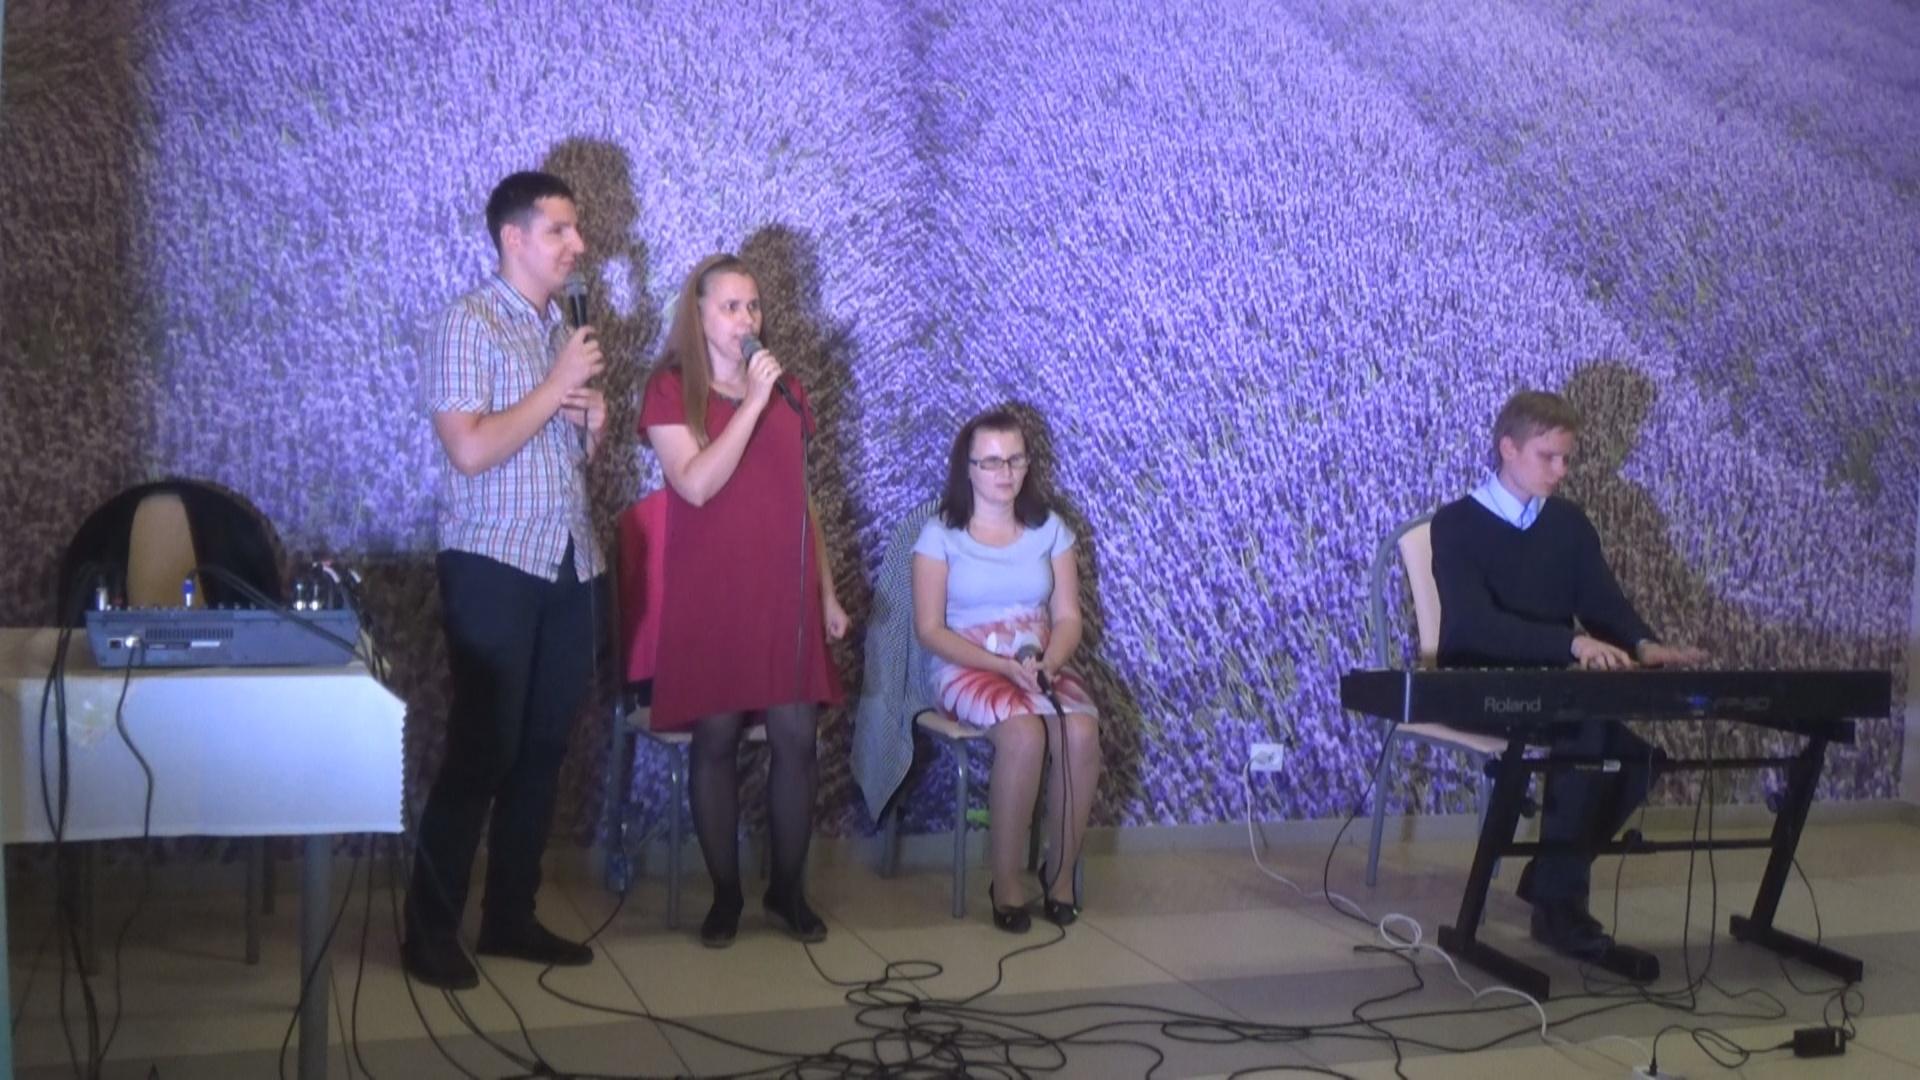 Dwoje ludzi stoi na scenie - kobieta i mężyzna. Obok nich, na krześle, siedzi kobieta, która w rękach trzyma mikrofon. Obok niej siedzi mężczyzna, który przed sobą ma klawisze.